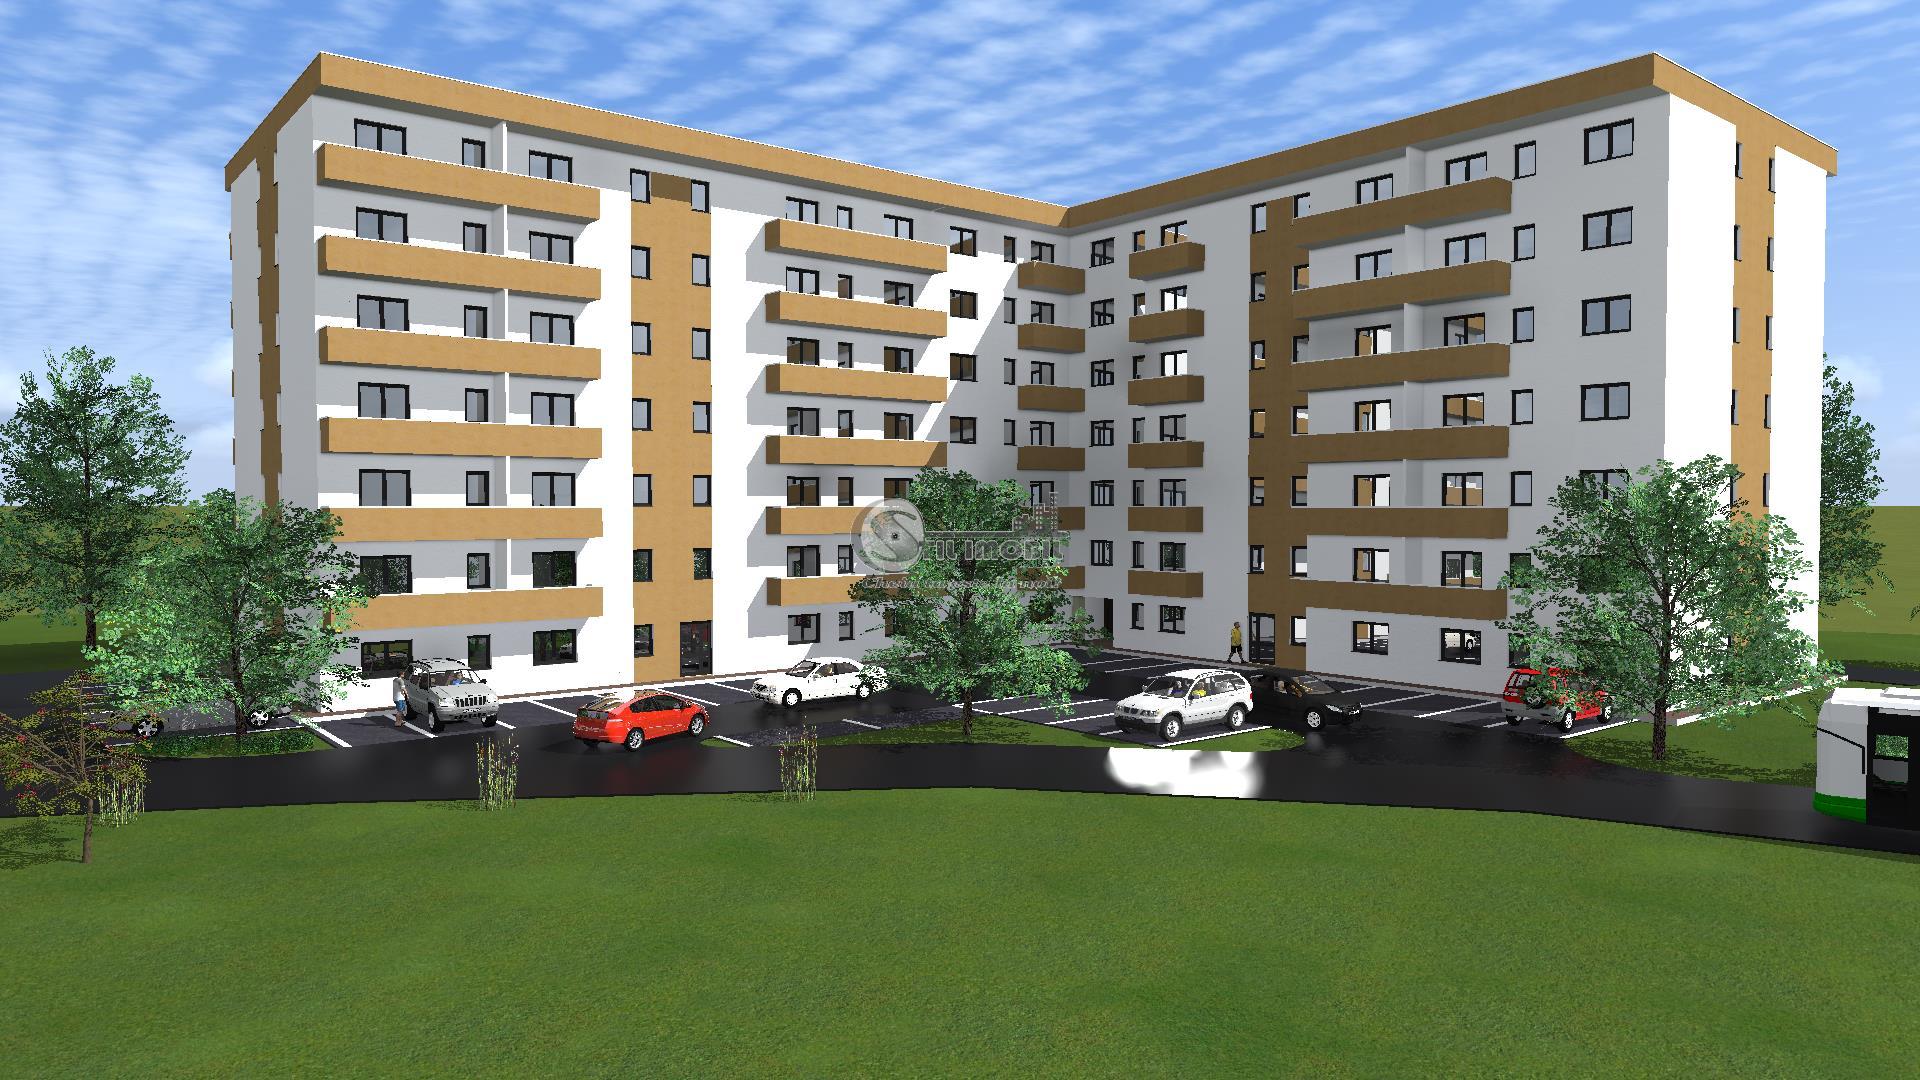 Apartament 1 camera->Bucium-Visan->32mp->26 900euro